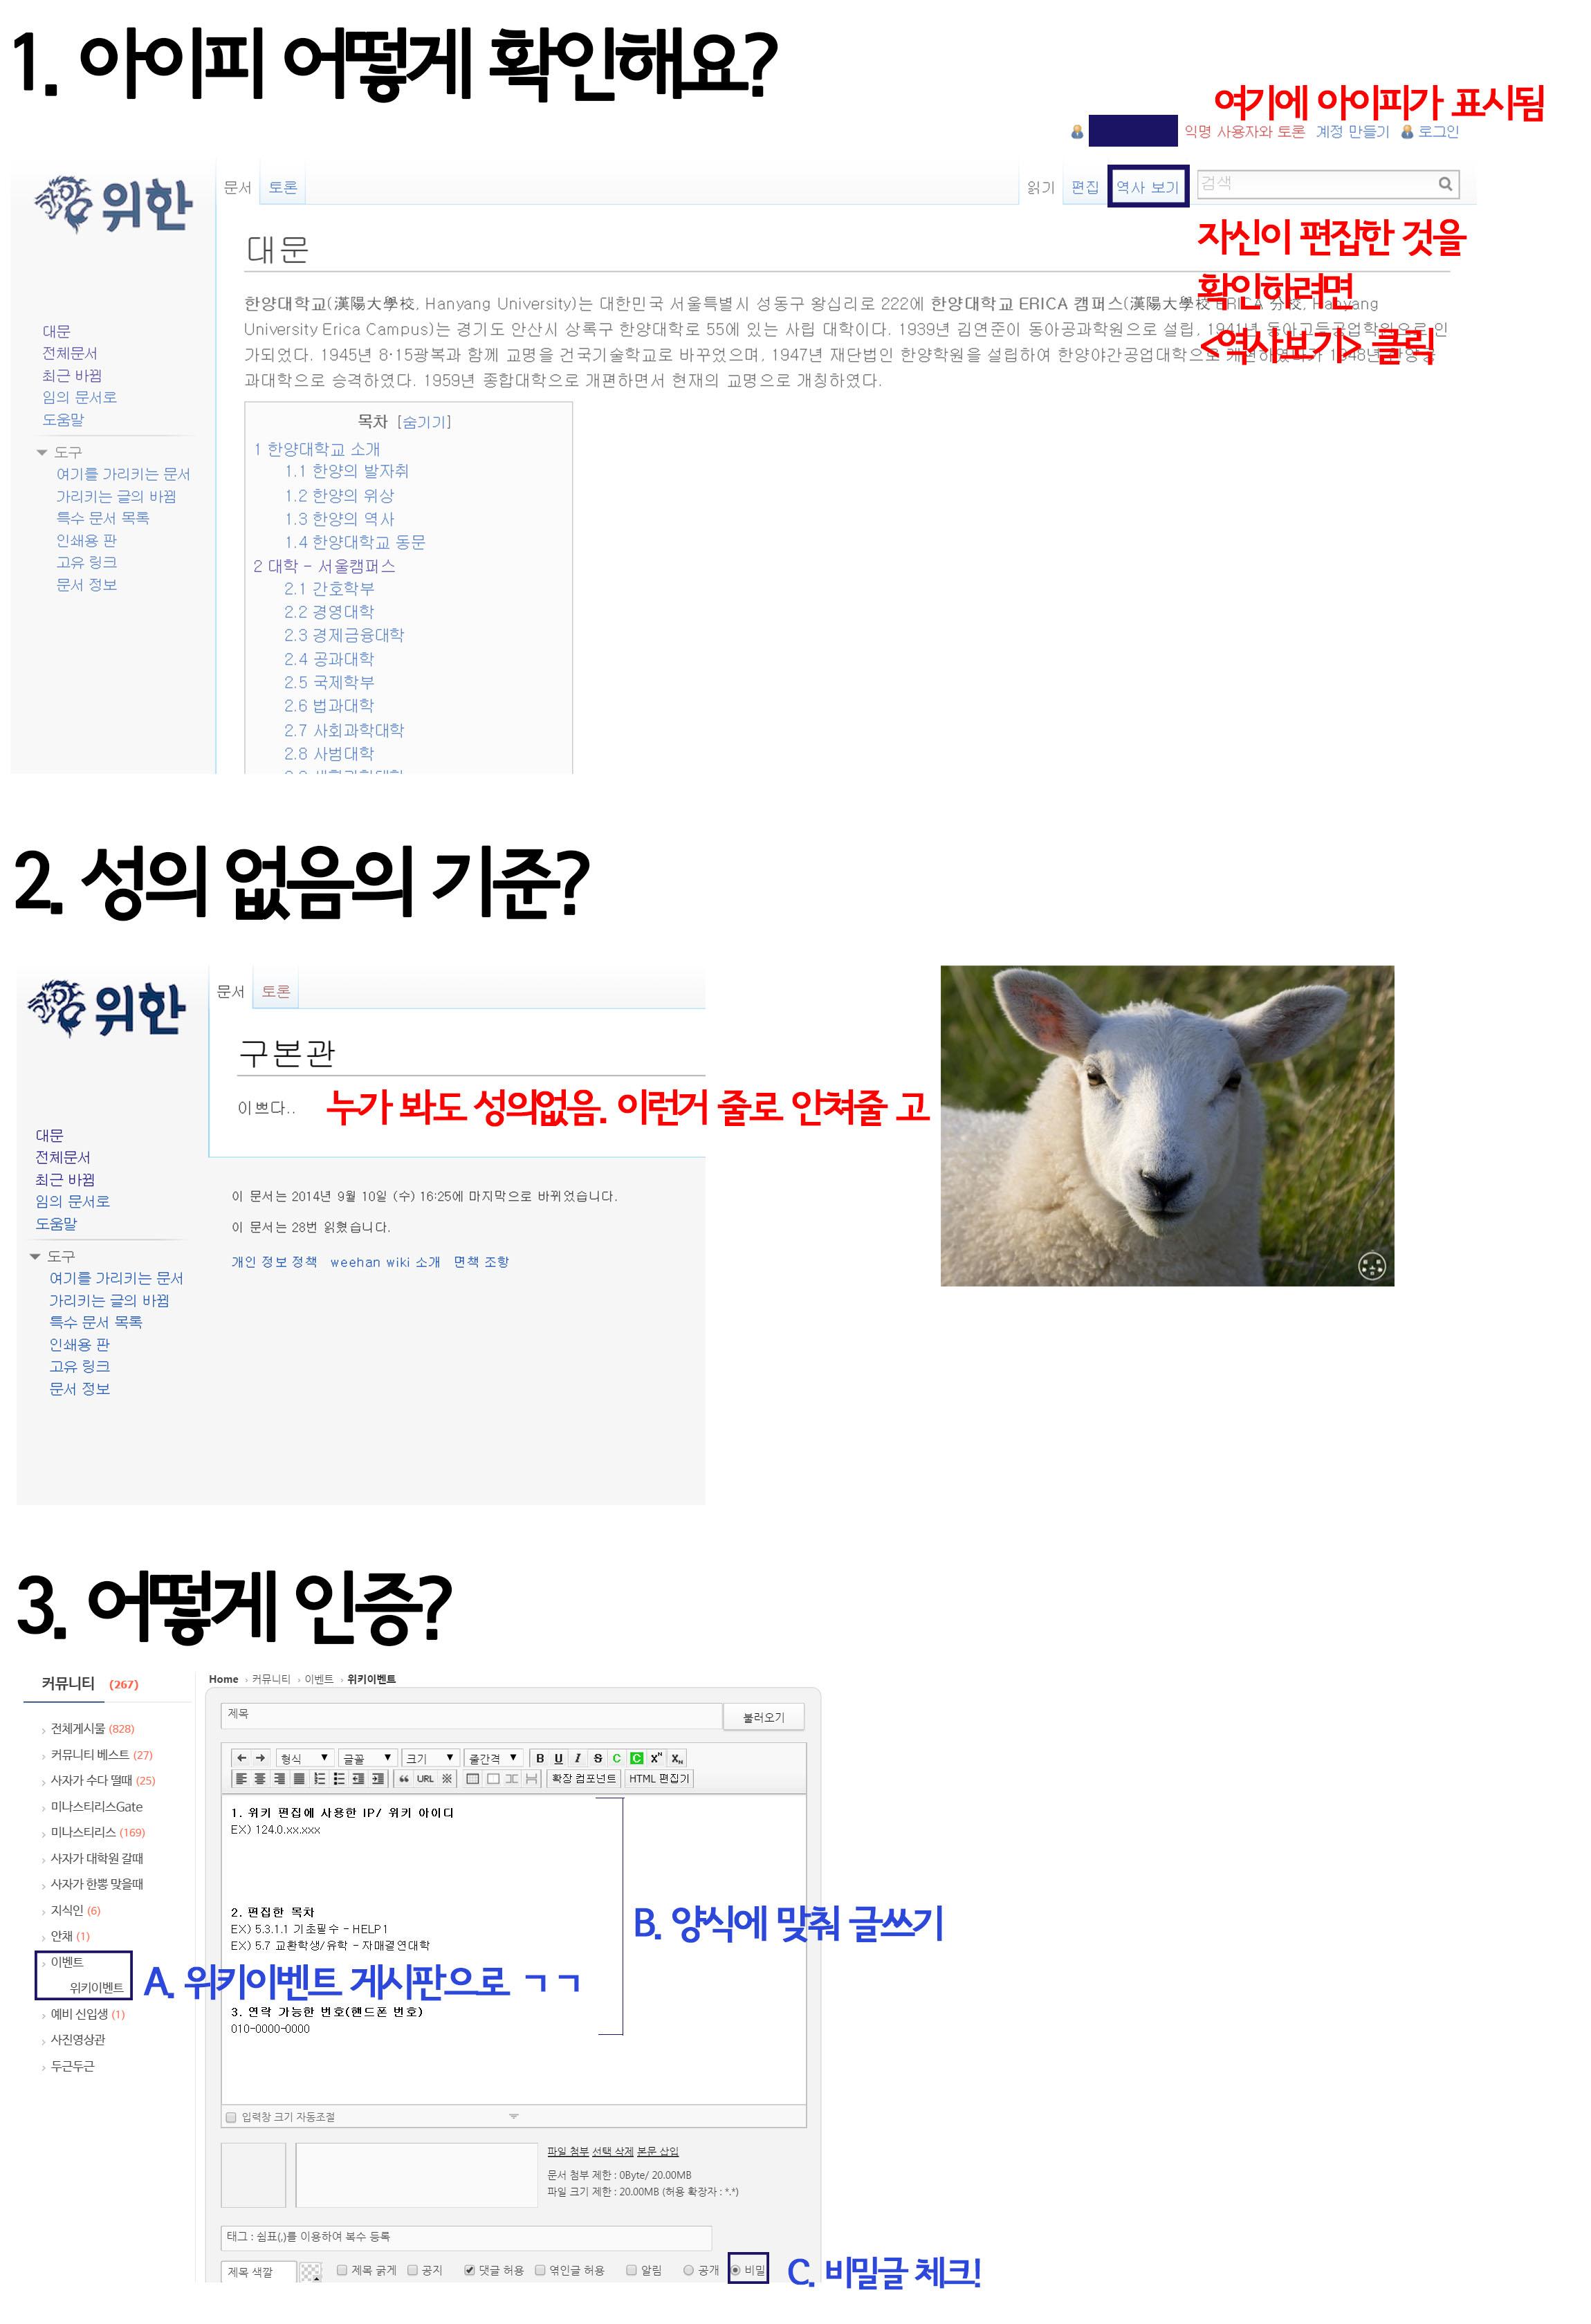 위키 설명글.jpg